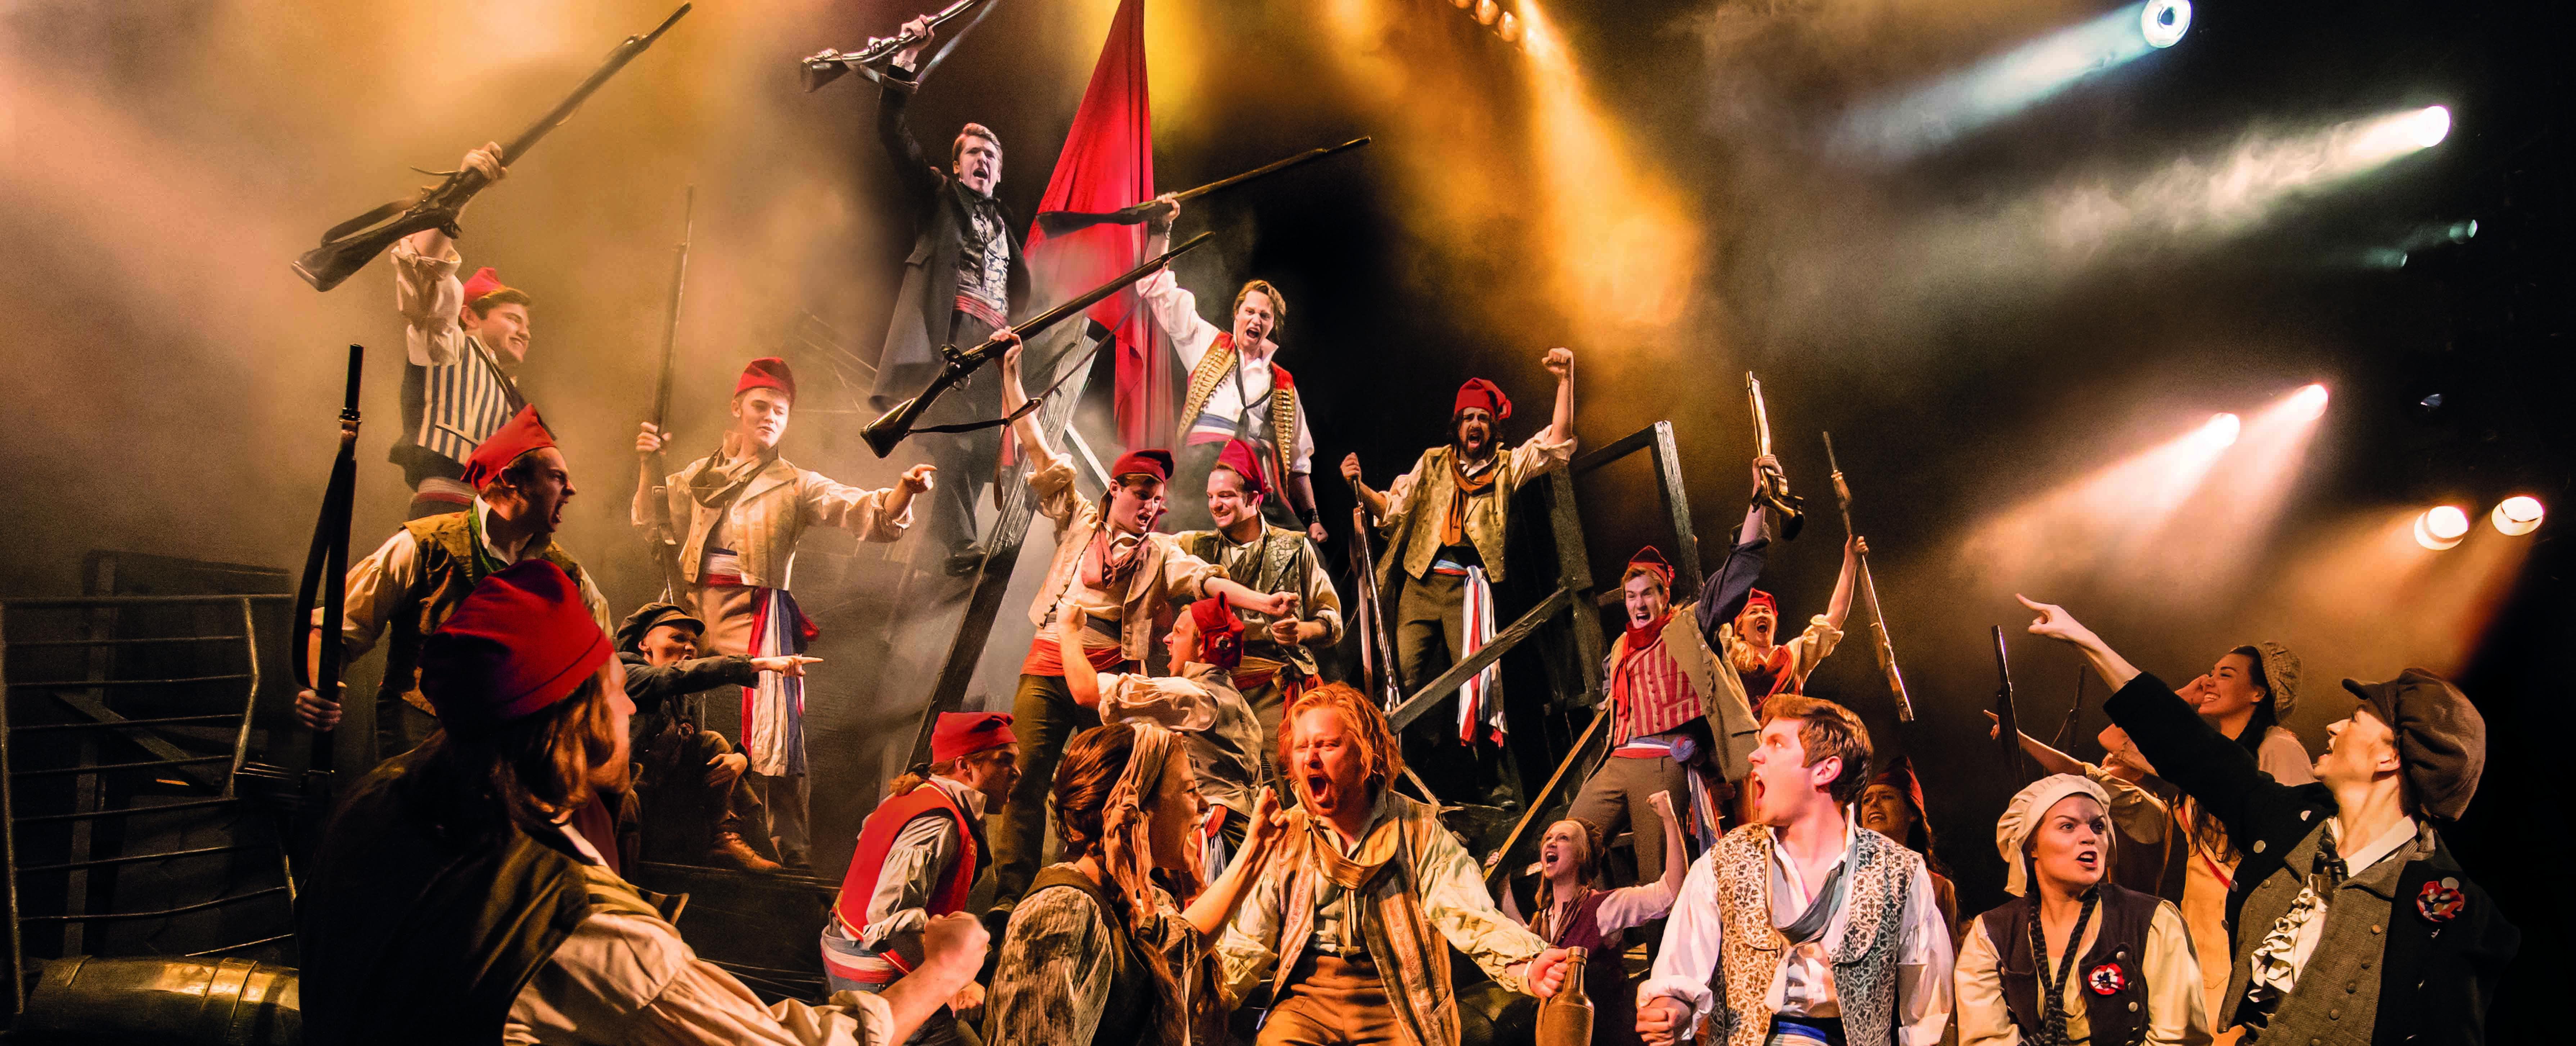 Les Misérables (Photo: Johan Persson)